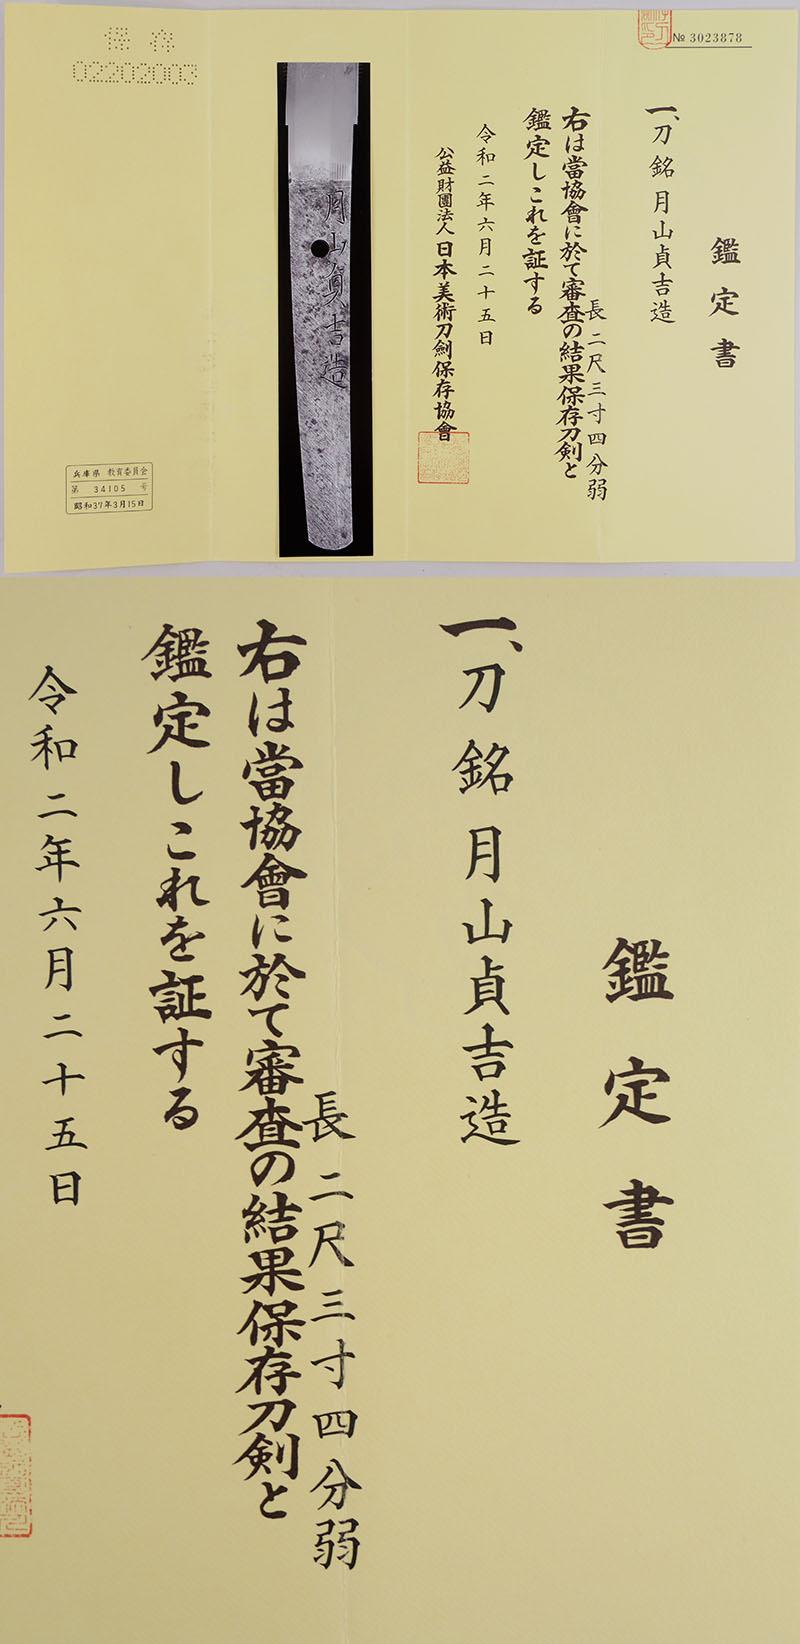 刀 月山貞吉造 (新々刀上作) Picture of Certificate